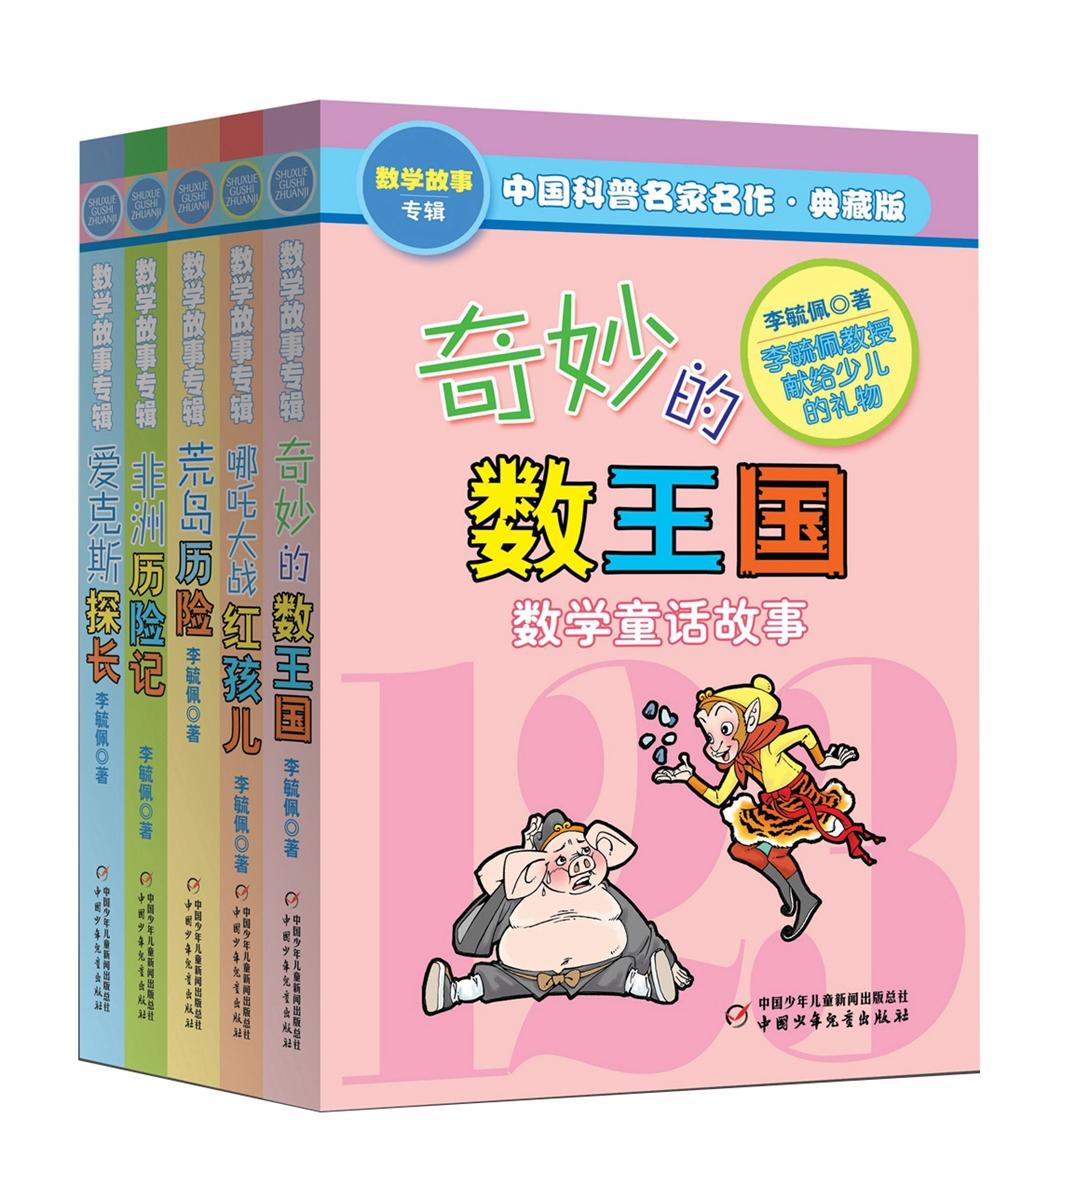 中国科普名家名作·数学故事专辑(典藏版)5册